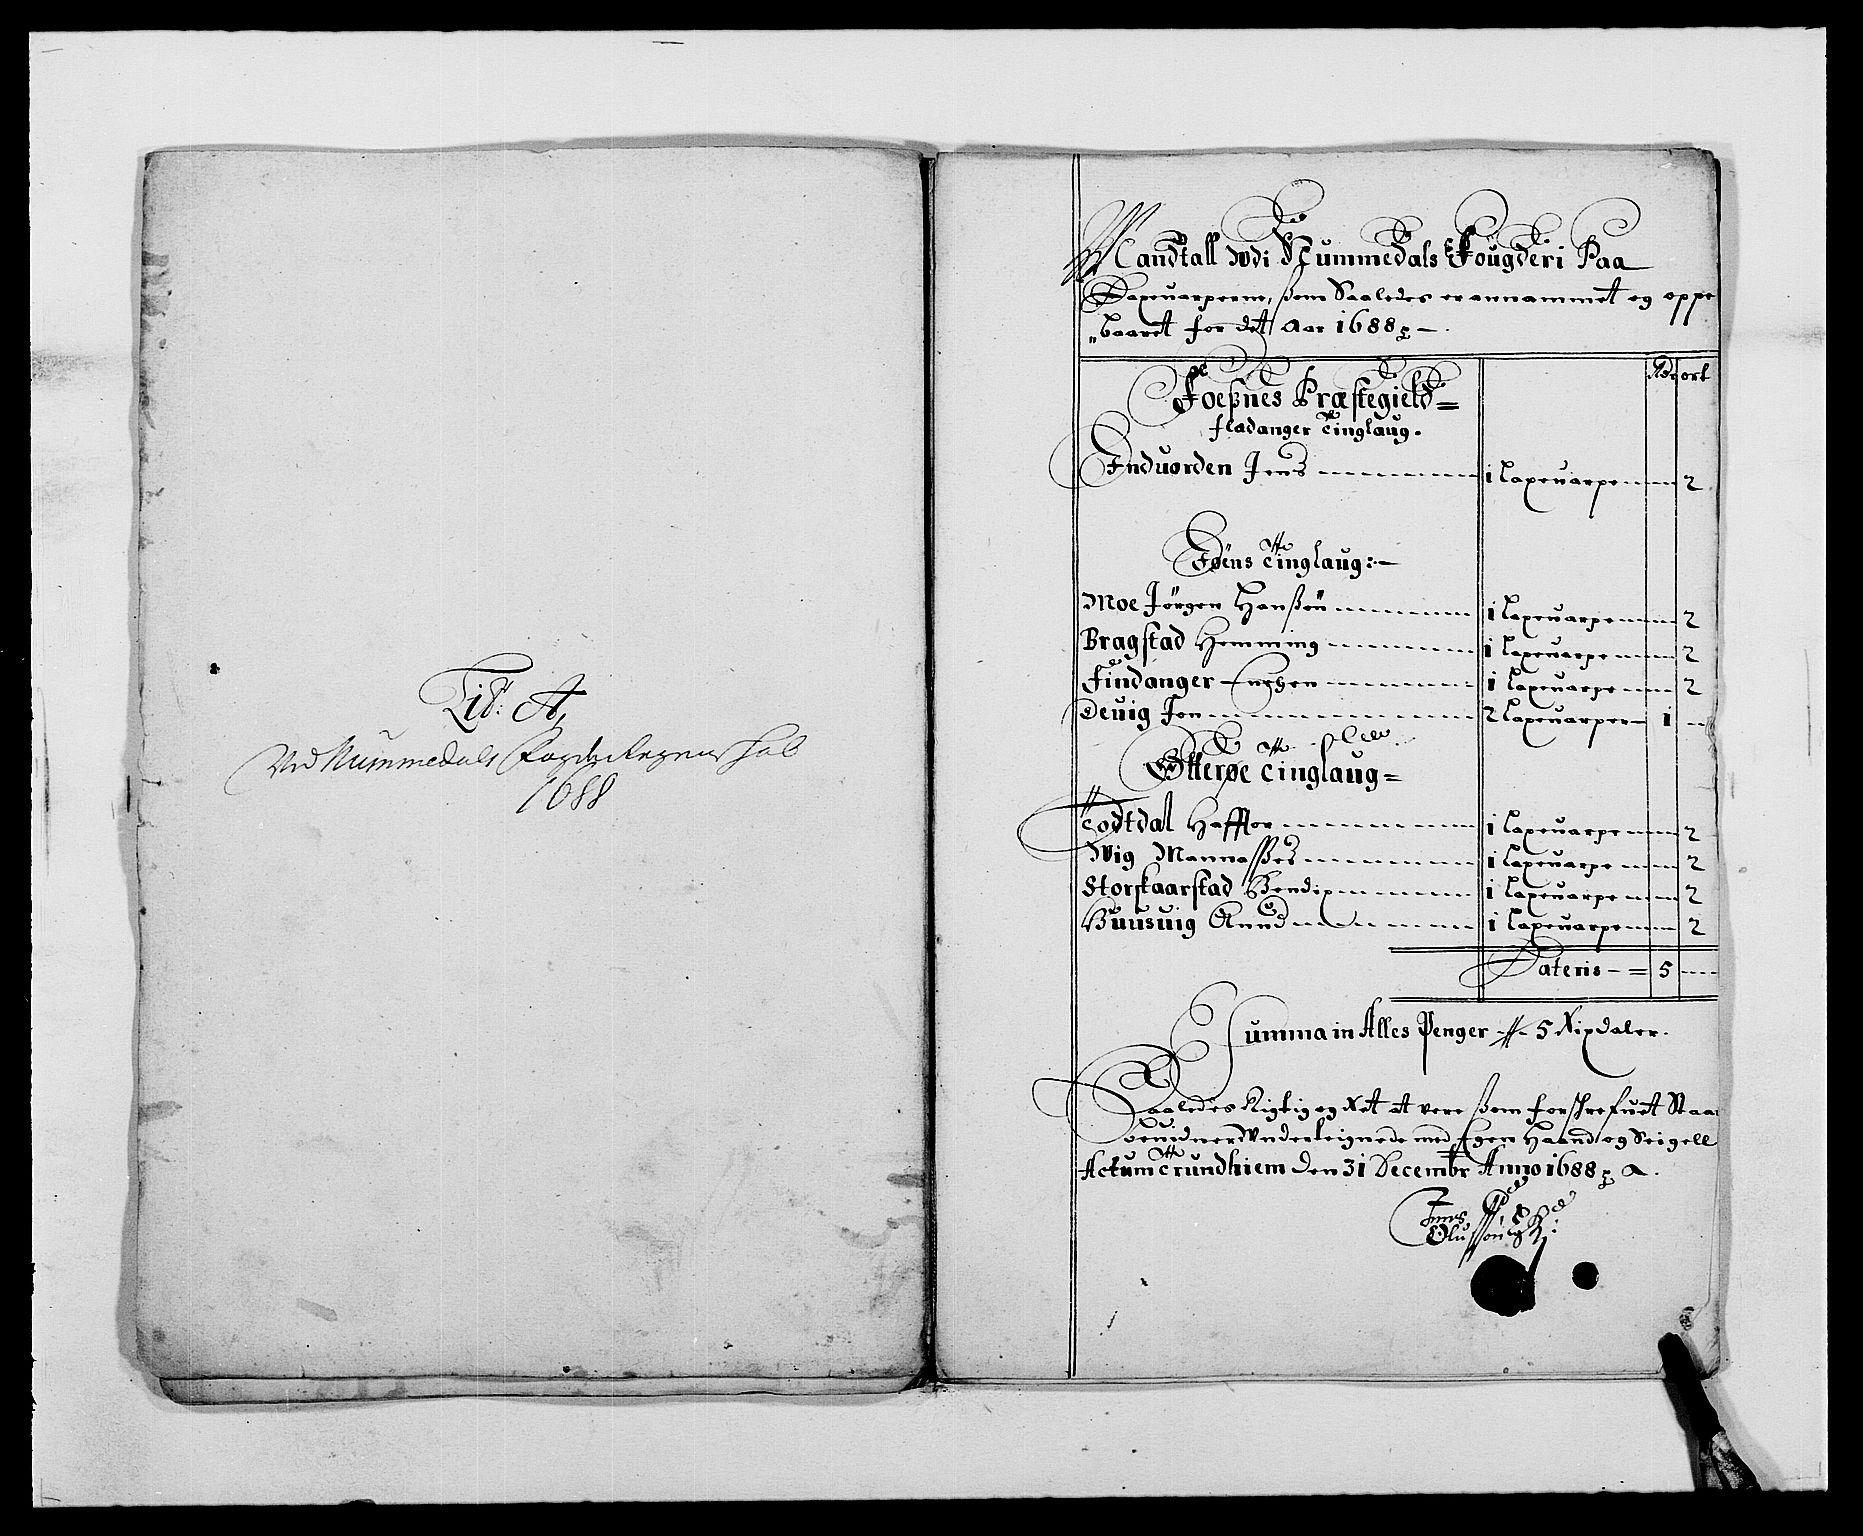 RA, Rentekammeret inntil 1814, Reviderte regnskaper, Fogderegnskap, R64/L4422: Fogderegnskap Namdal, 1687-1689, s. 101